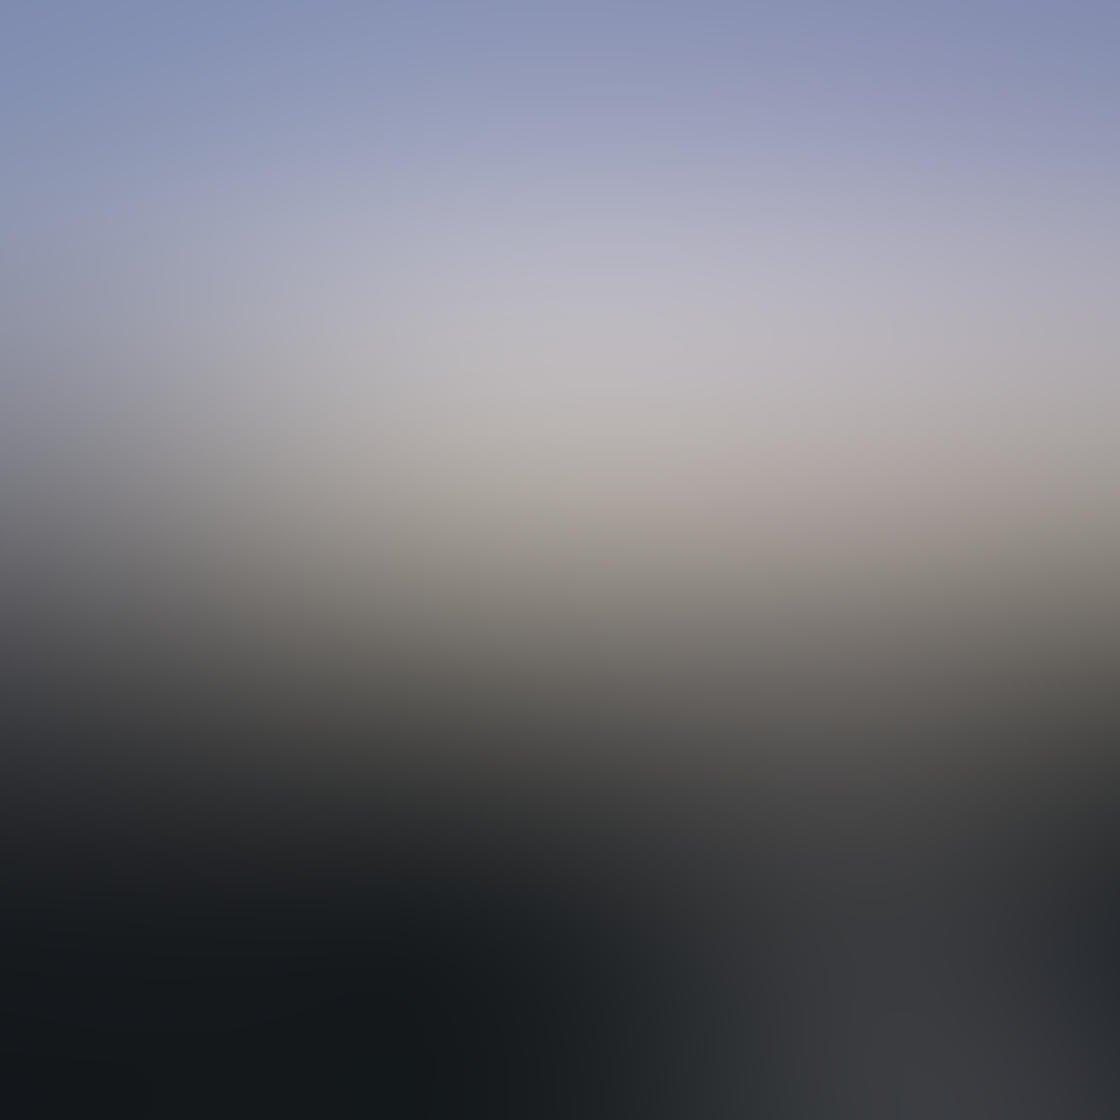 Landscape iPhone Photo Composition 21